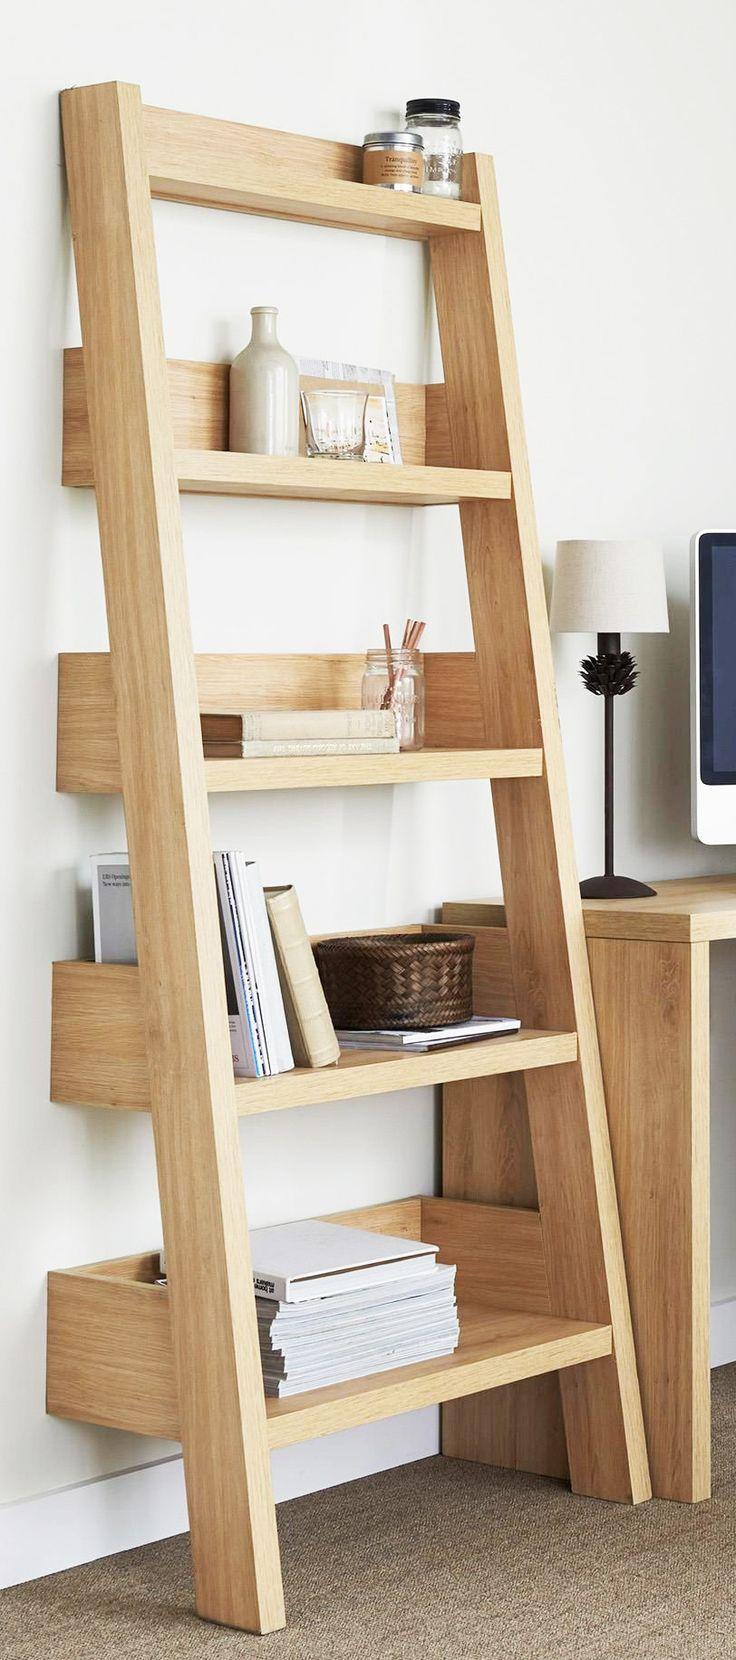 Oltre 25 fantastiche idee su librerie billy su pinterest - Grucce legno ikea ...